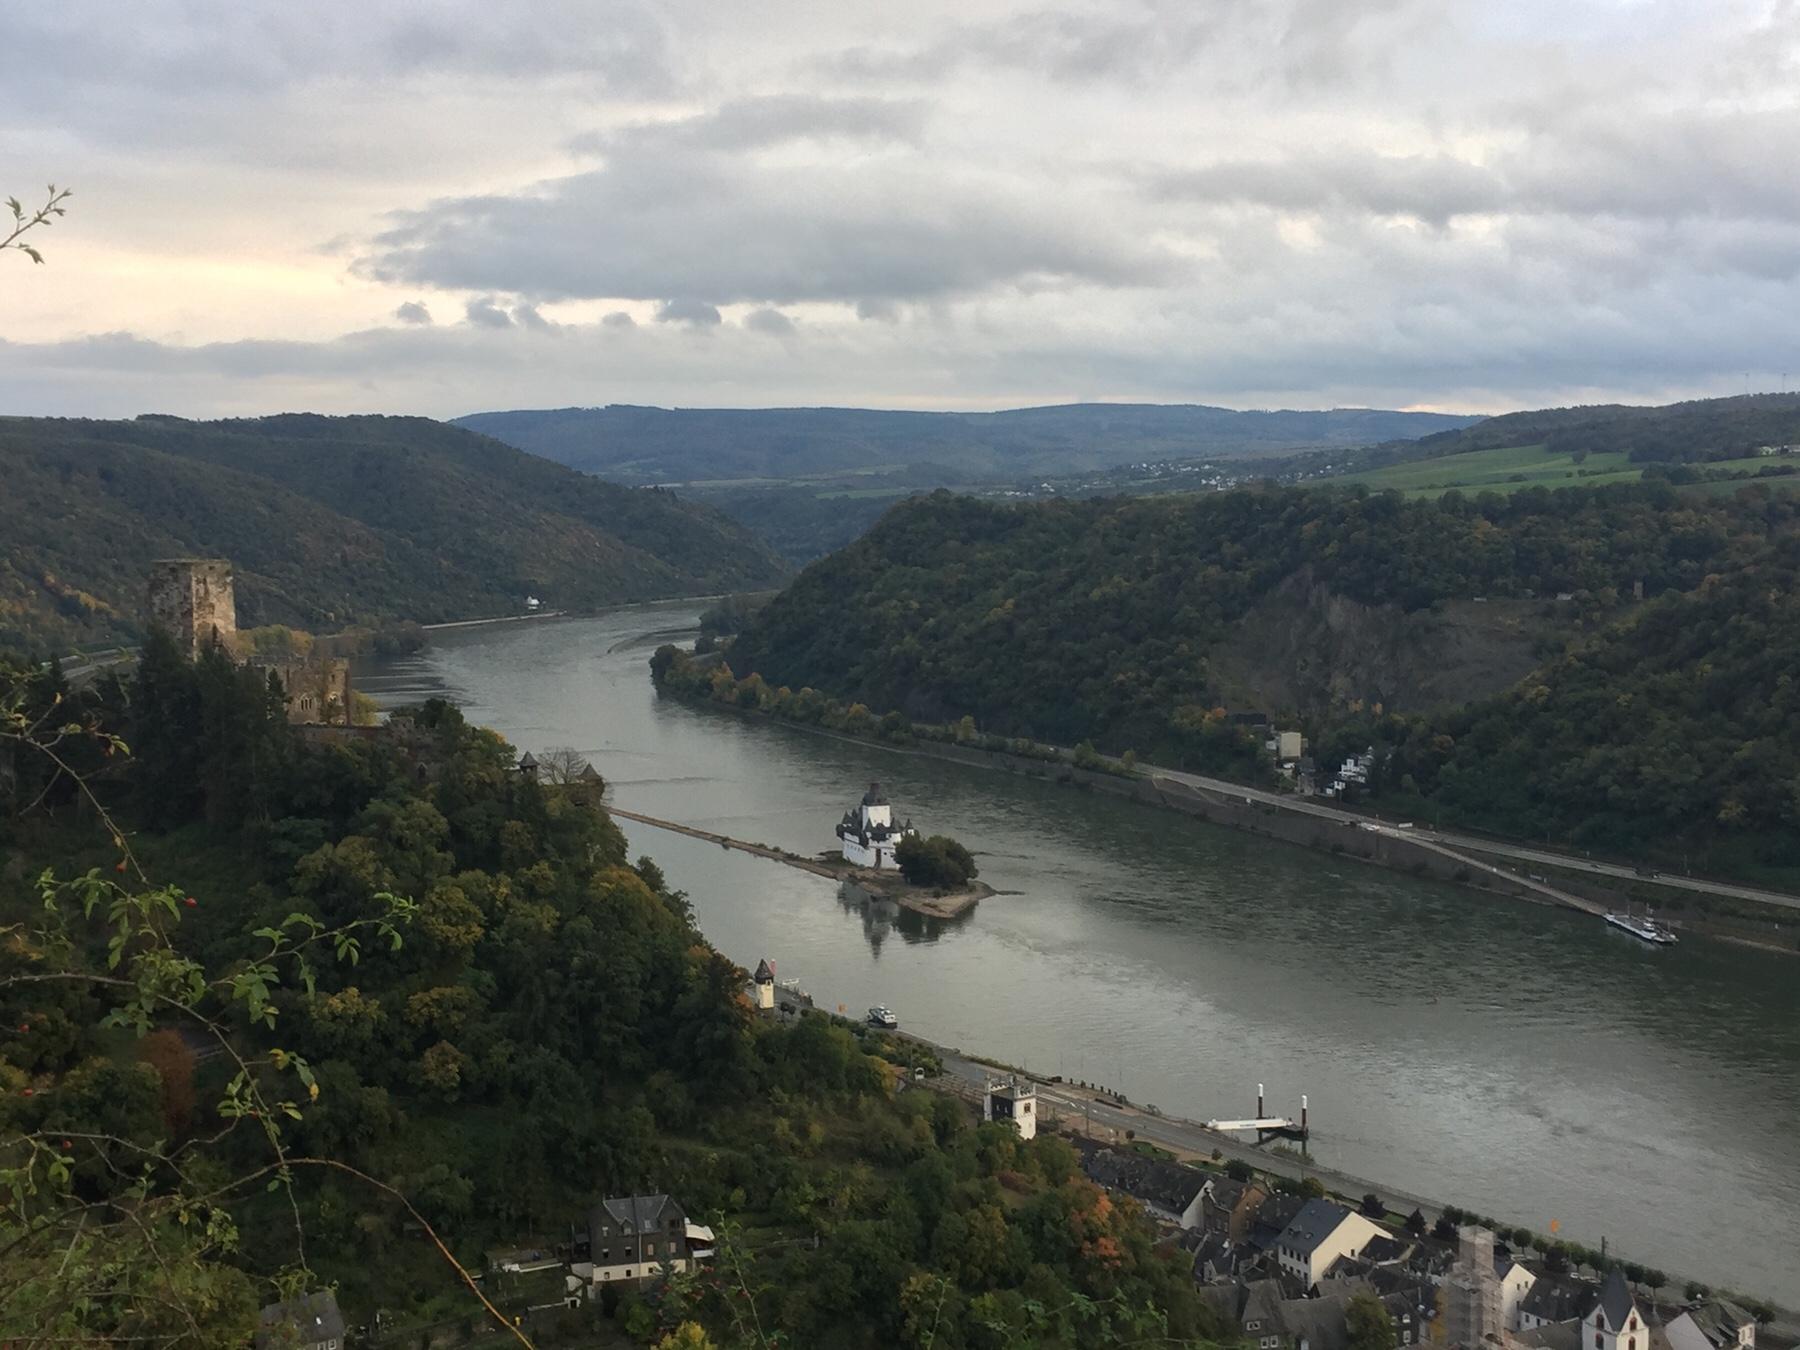 Burg Pfalzgrafenstein, Kaub, Rheinsteig